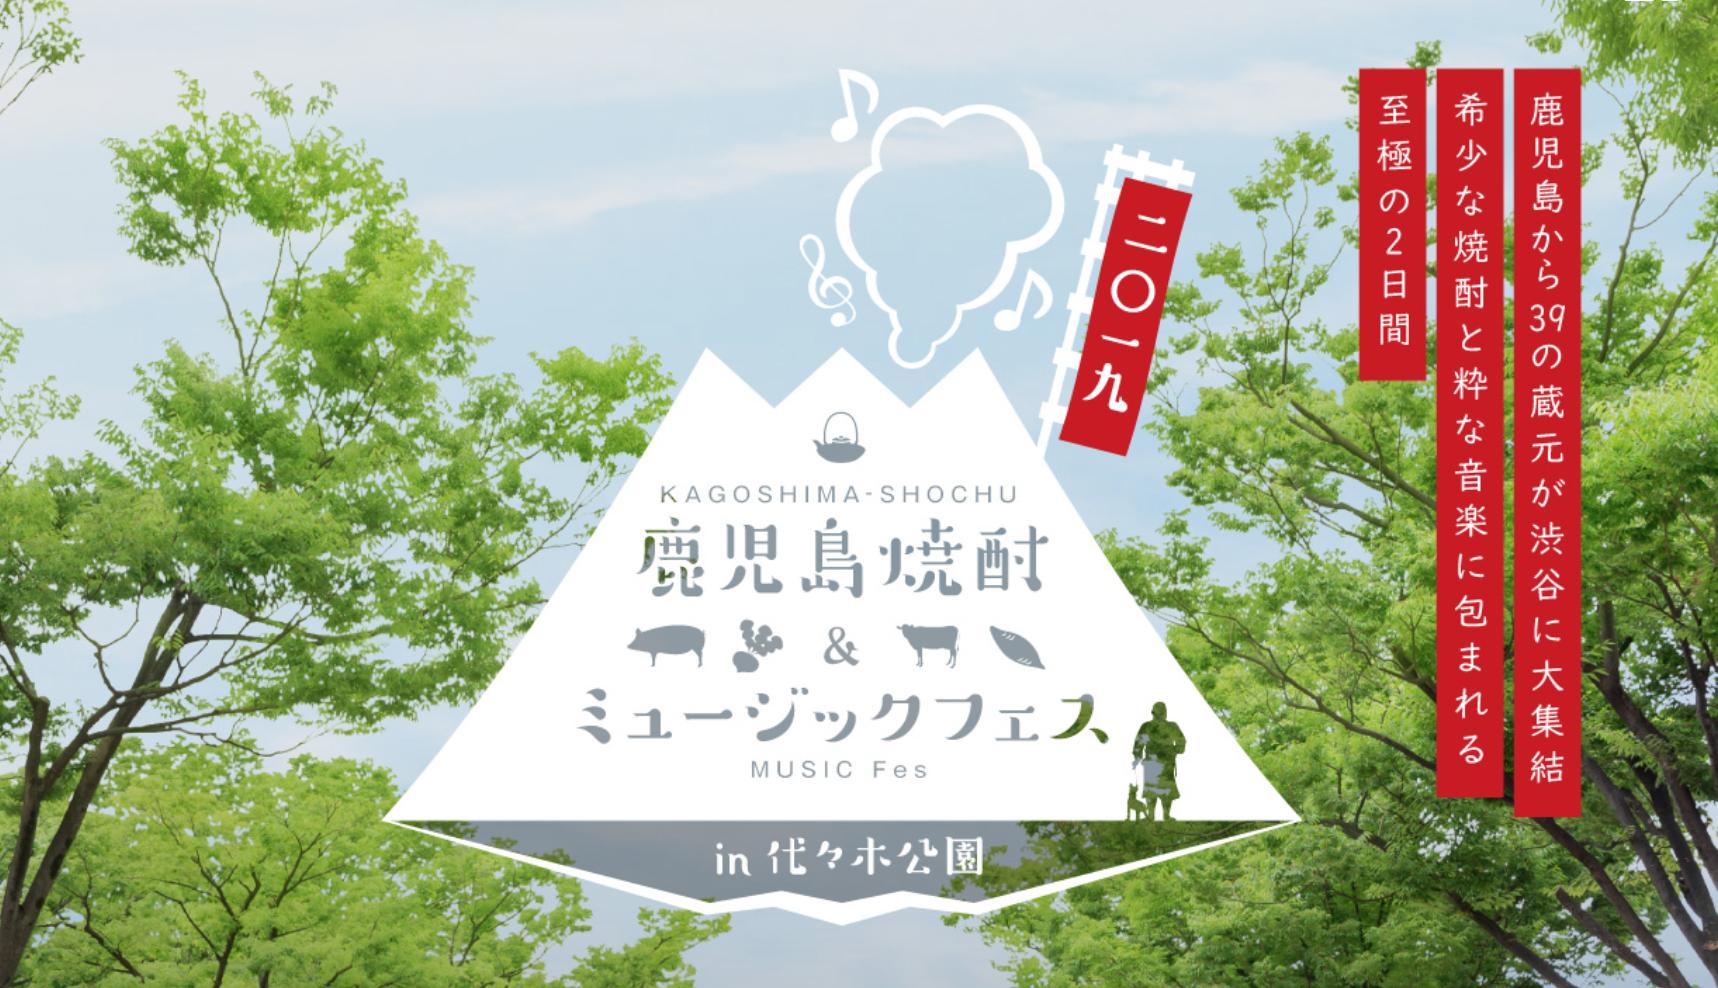 鹿児島焼酎&ミュージックフェス2019